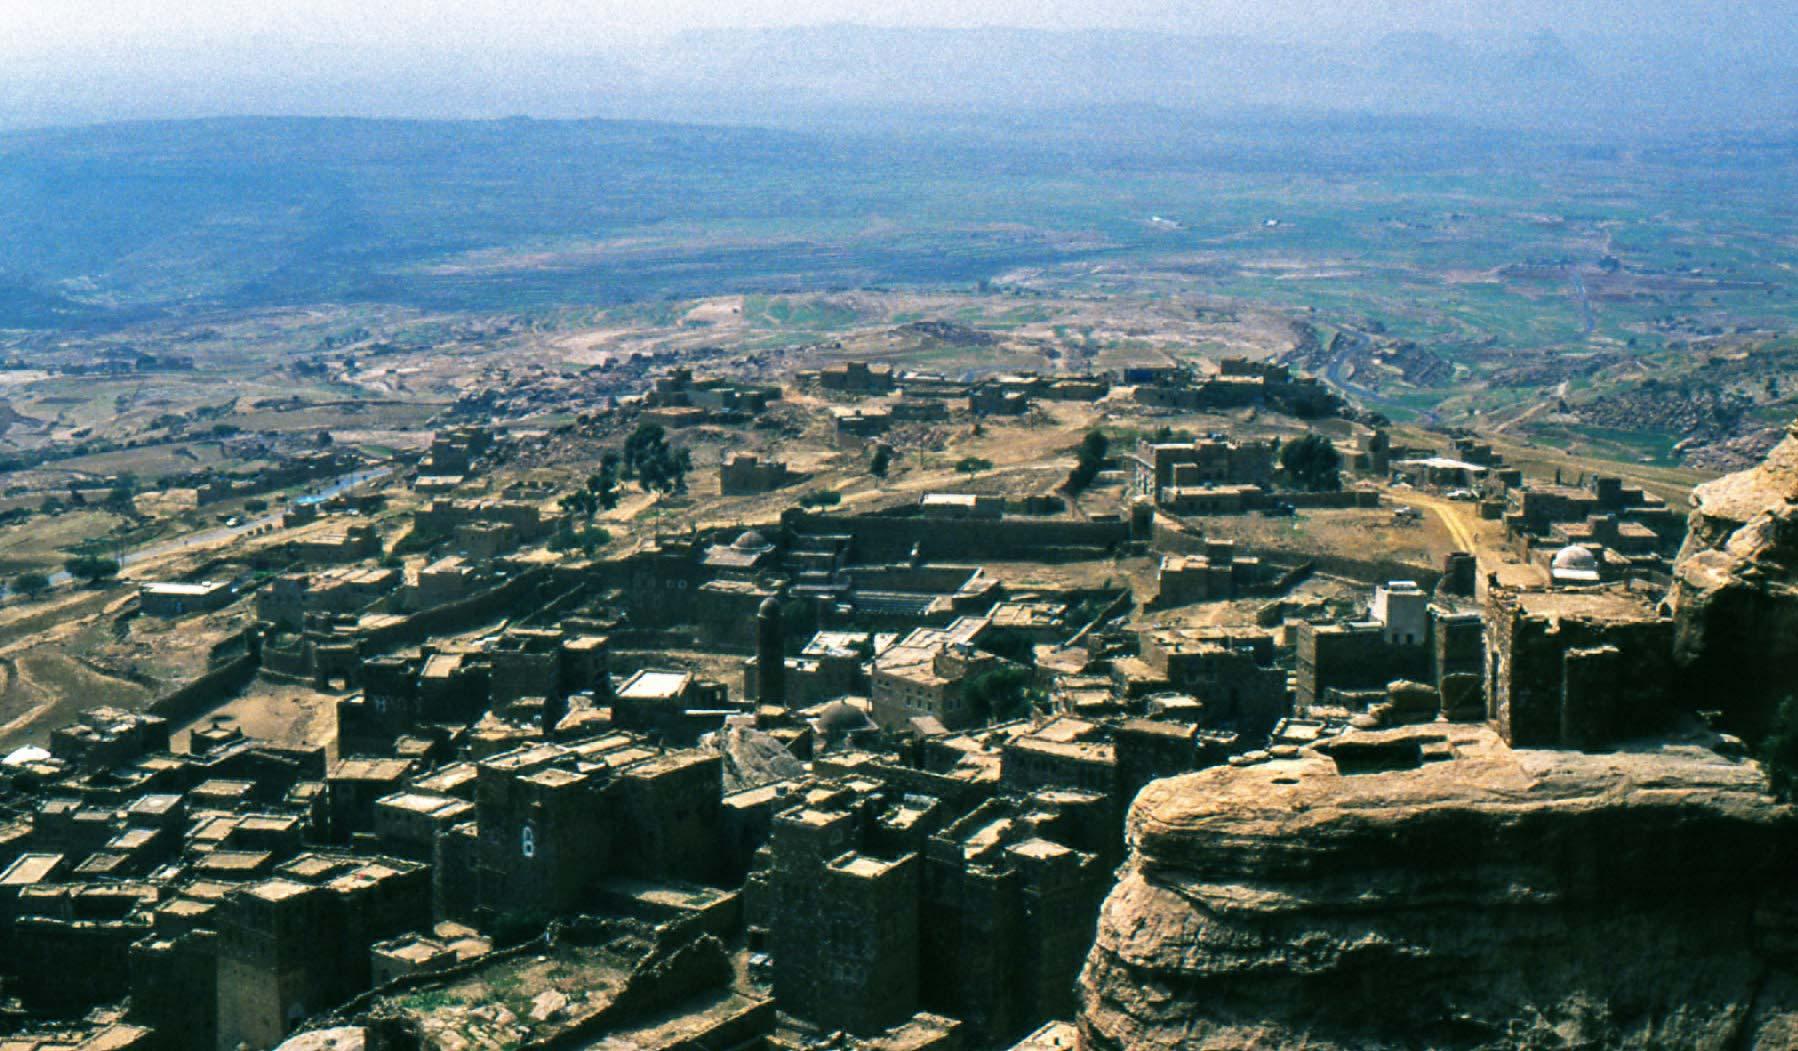 La vista della città bassa dalla rupe di Thula. Si nota una parte di mura che circondano l'abitato e sullo sperone in primo piano, una cisterna a cielo aperto scavata nella roccia